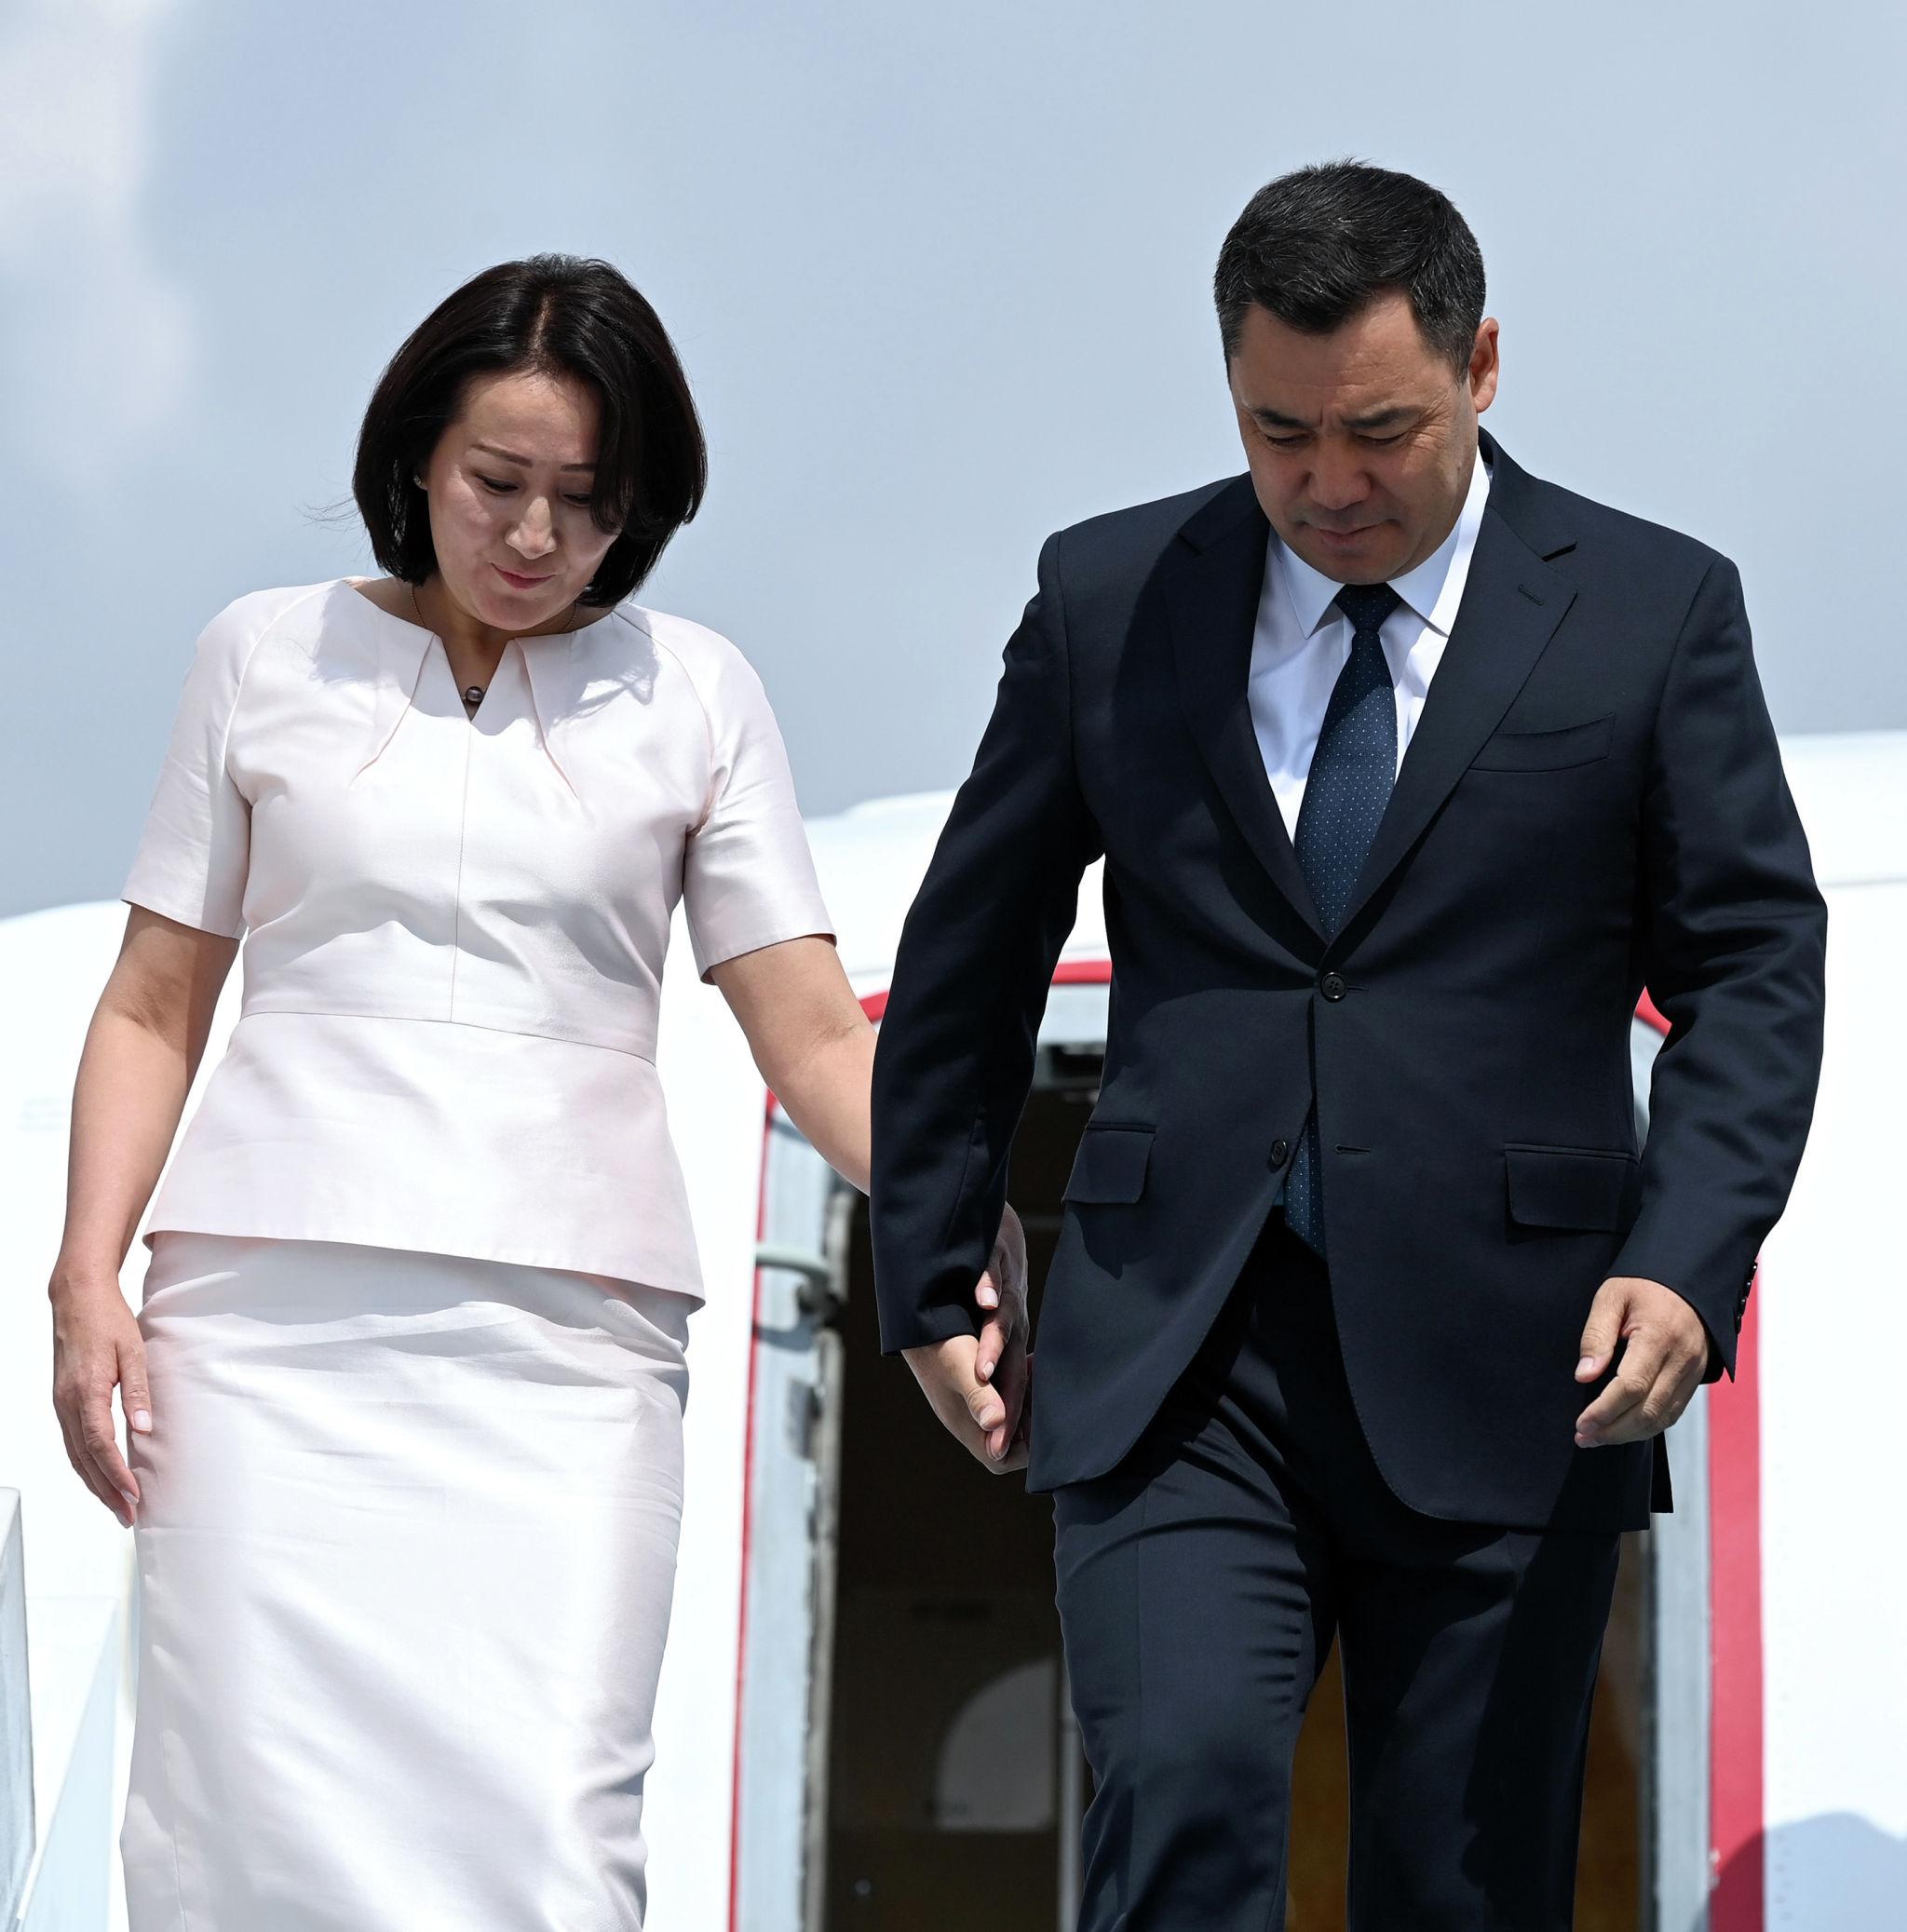 Кыргызстандын президенти Садыр Жапаров жана биринчи айым Айгүл Жапарова Анкара шаарында